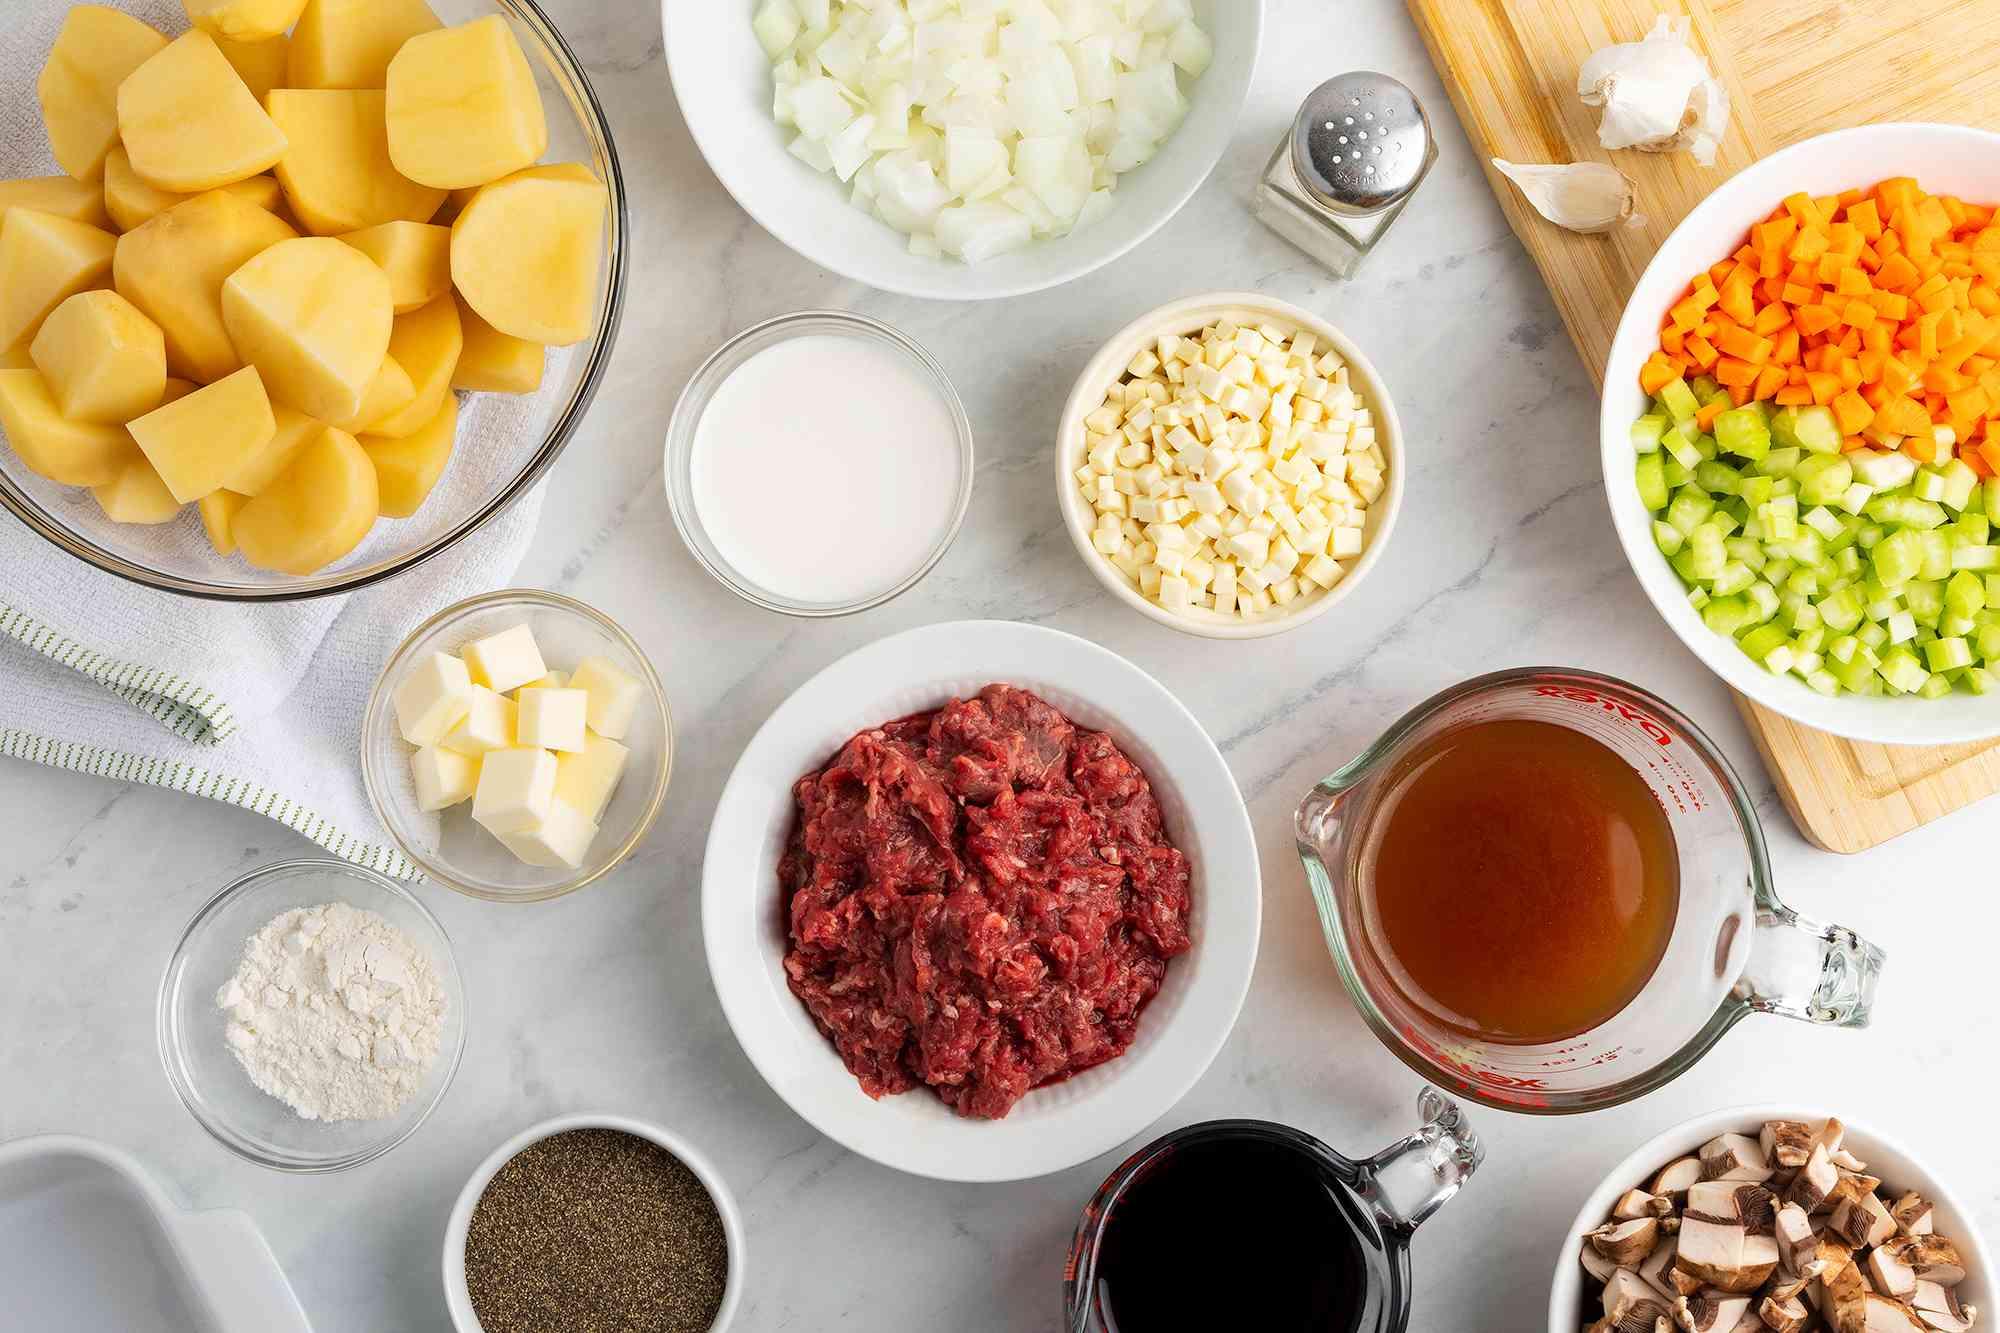 Venison Shepherd's Pie ingredients